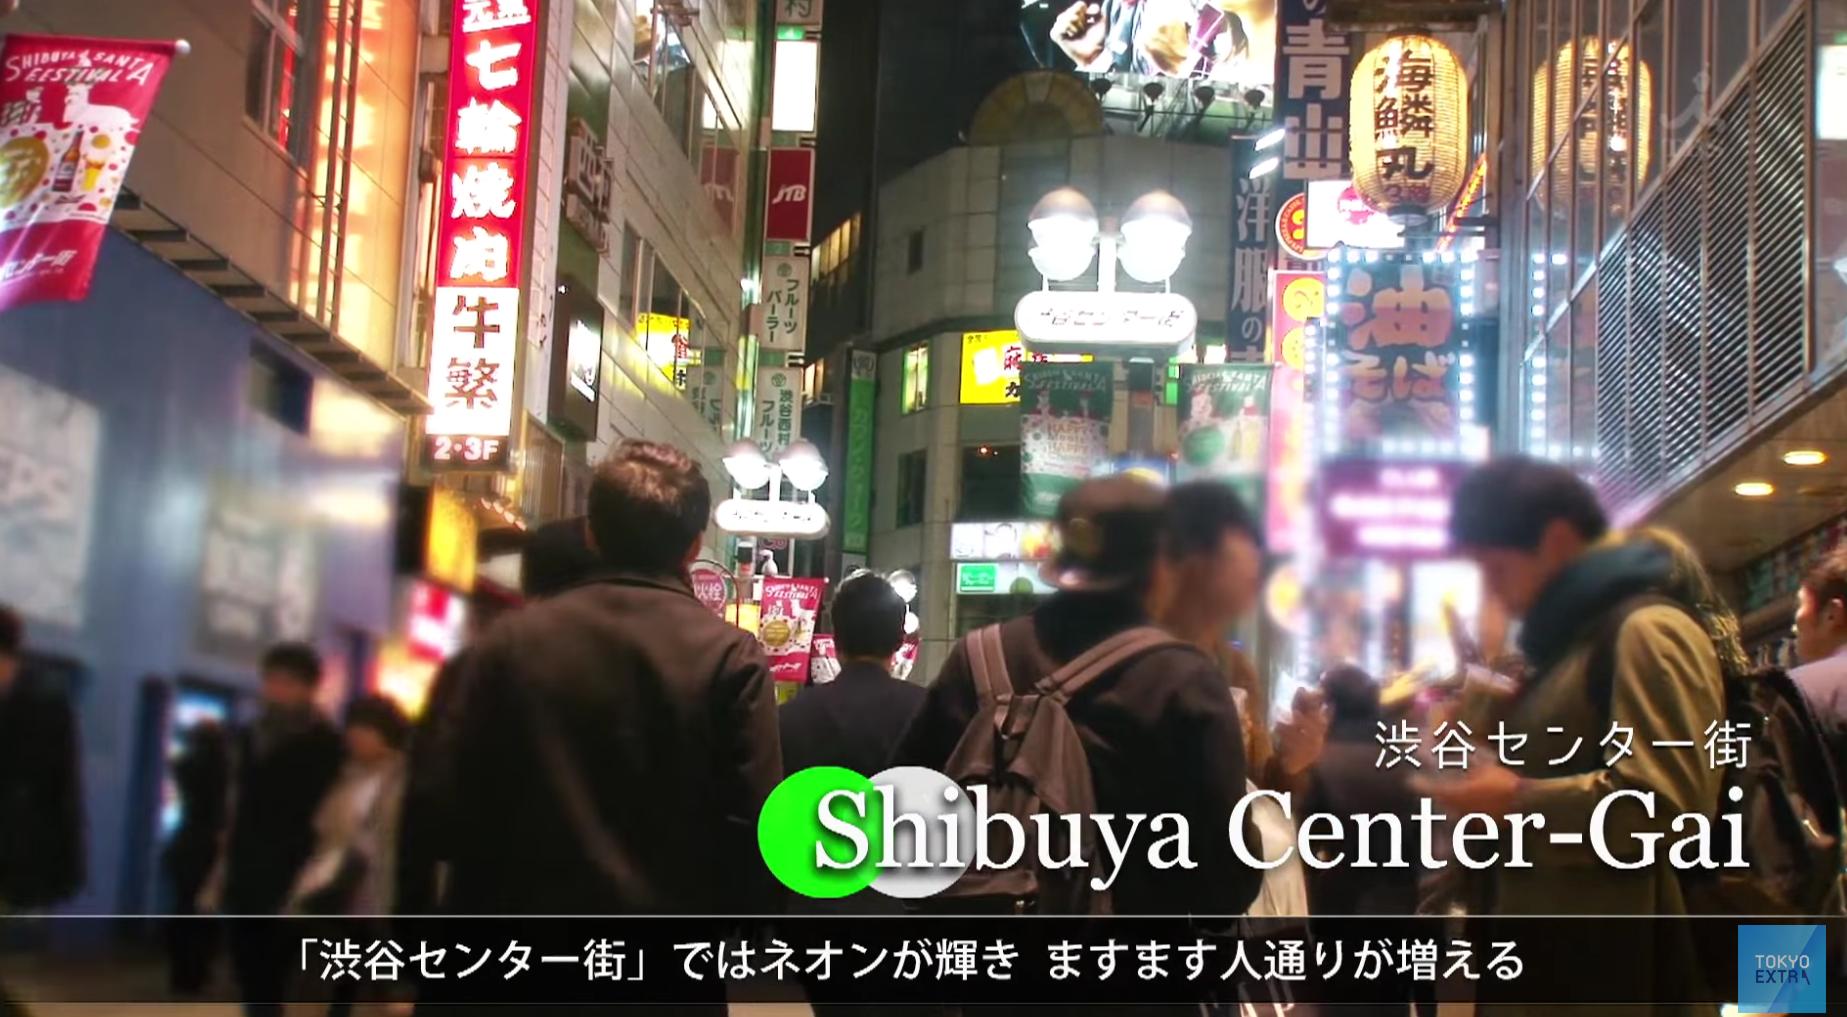 Tokyo Extra Shibuya